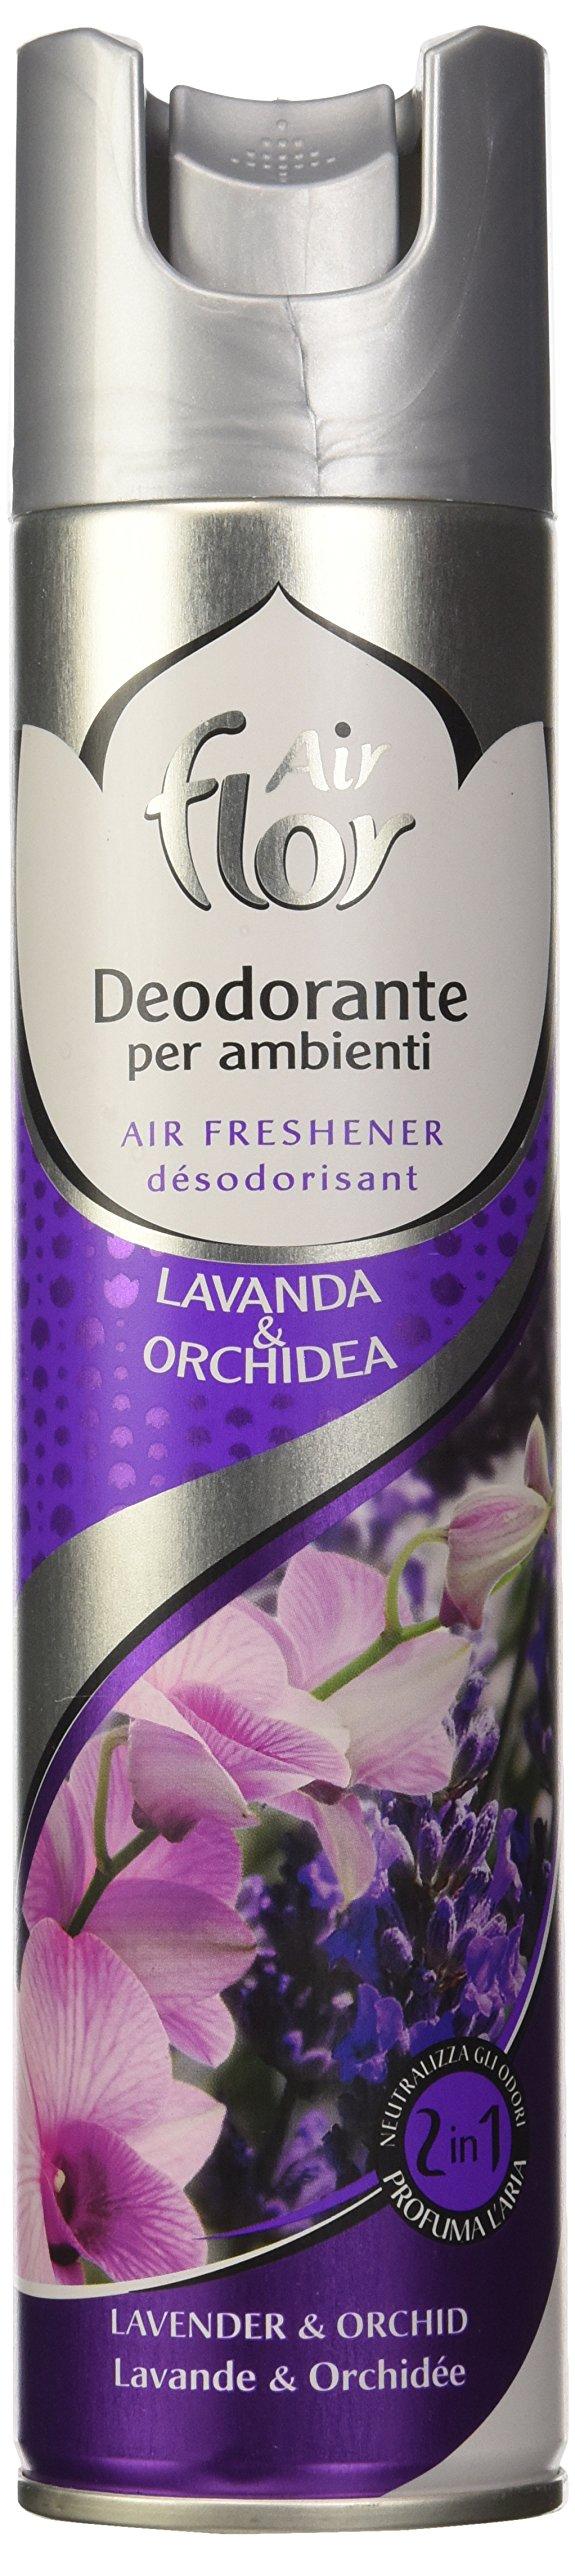 Air Flor Deodorante per Ambiente con Lavanda e Orchidea - 300 ml